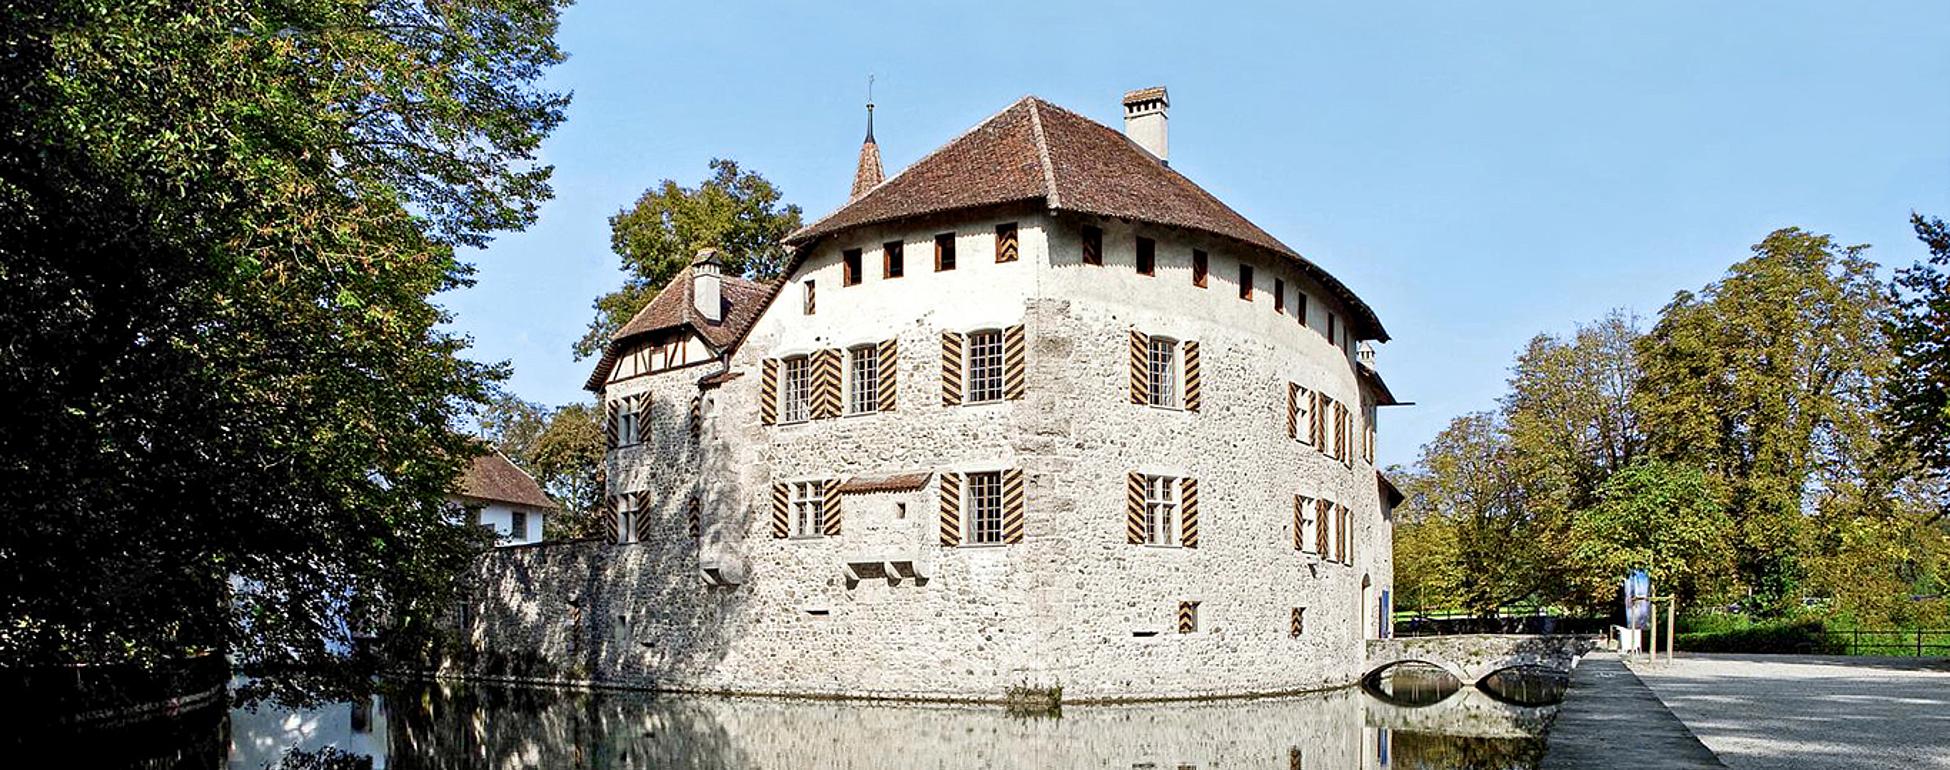 Castello di Hallwyl